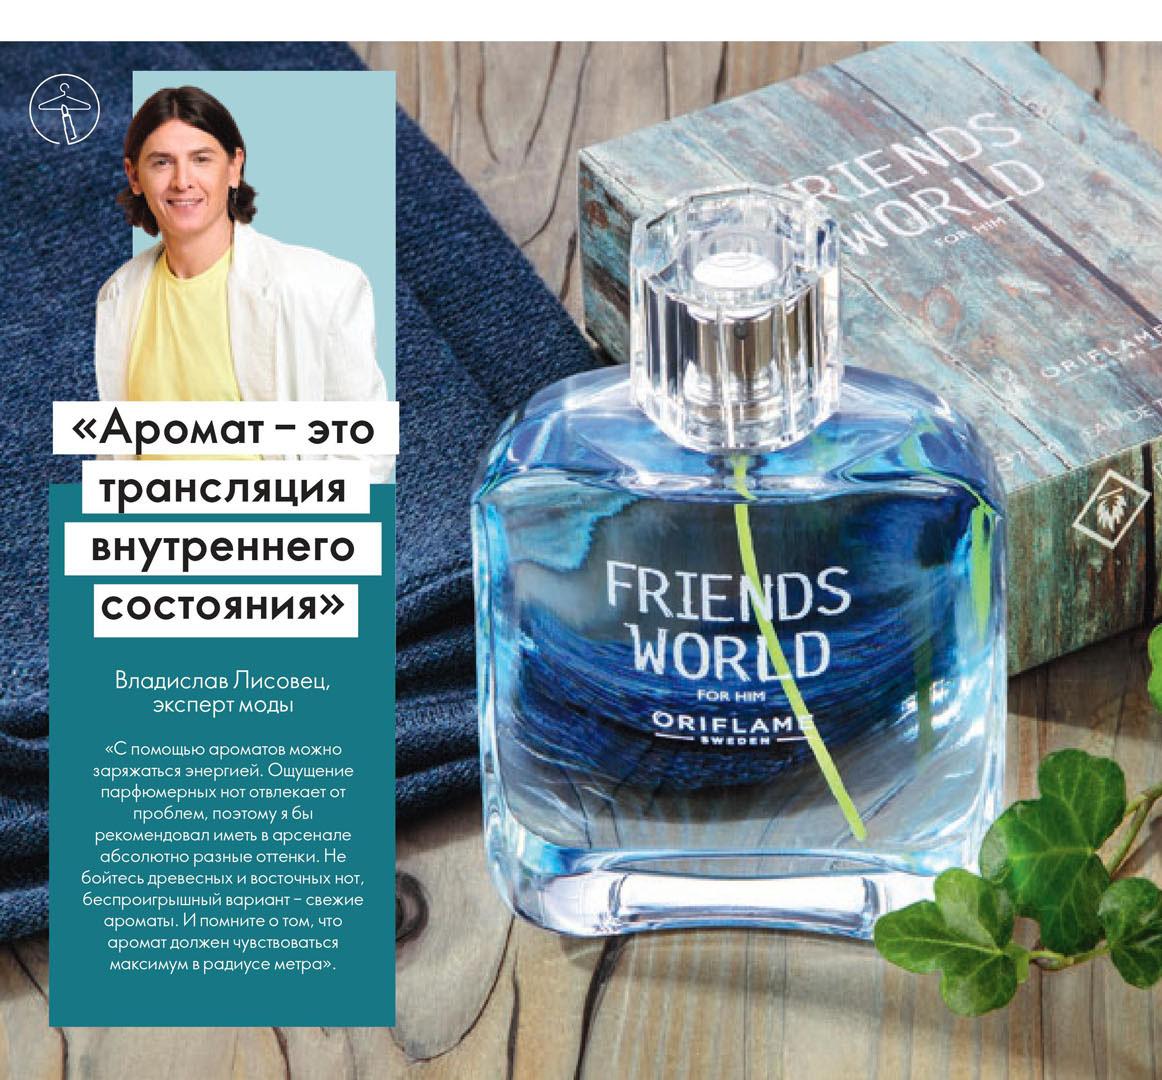 Каталог Орифлейм 6 2021 Россия - Каталоги Орифлейм